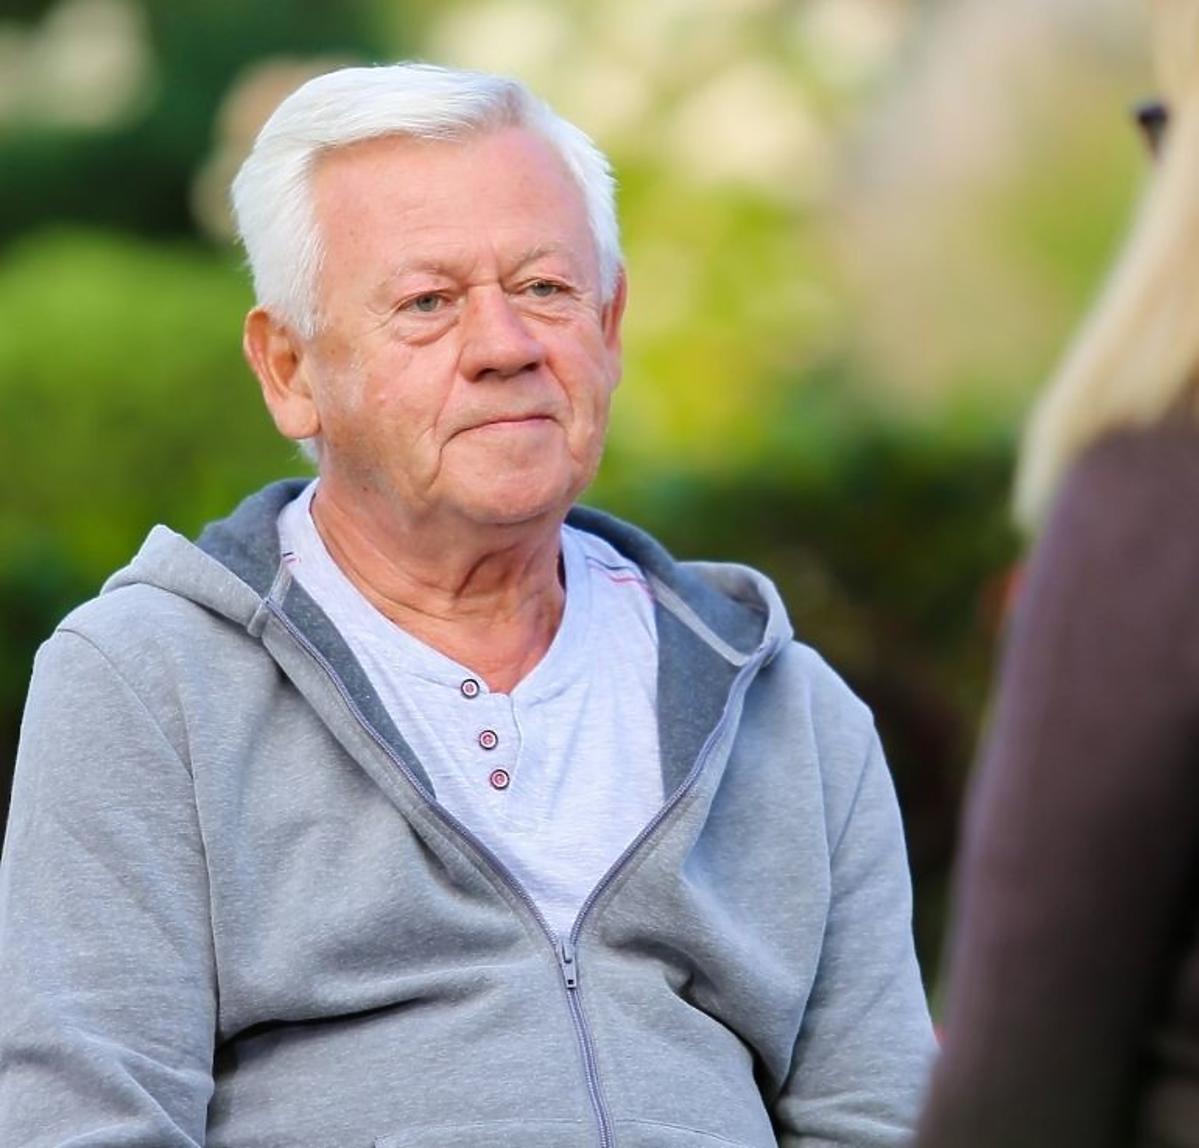 Władysław z Sanatorium miłości w szarej bluzie